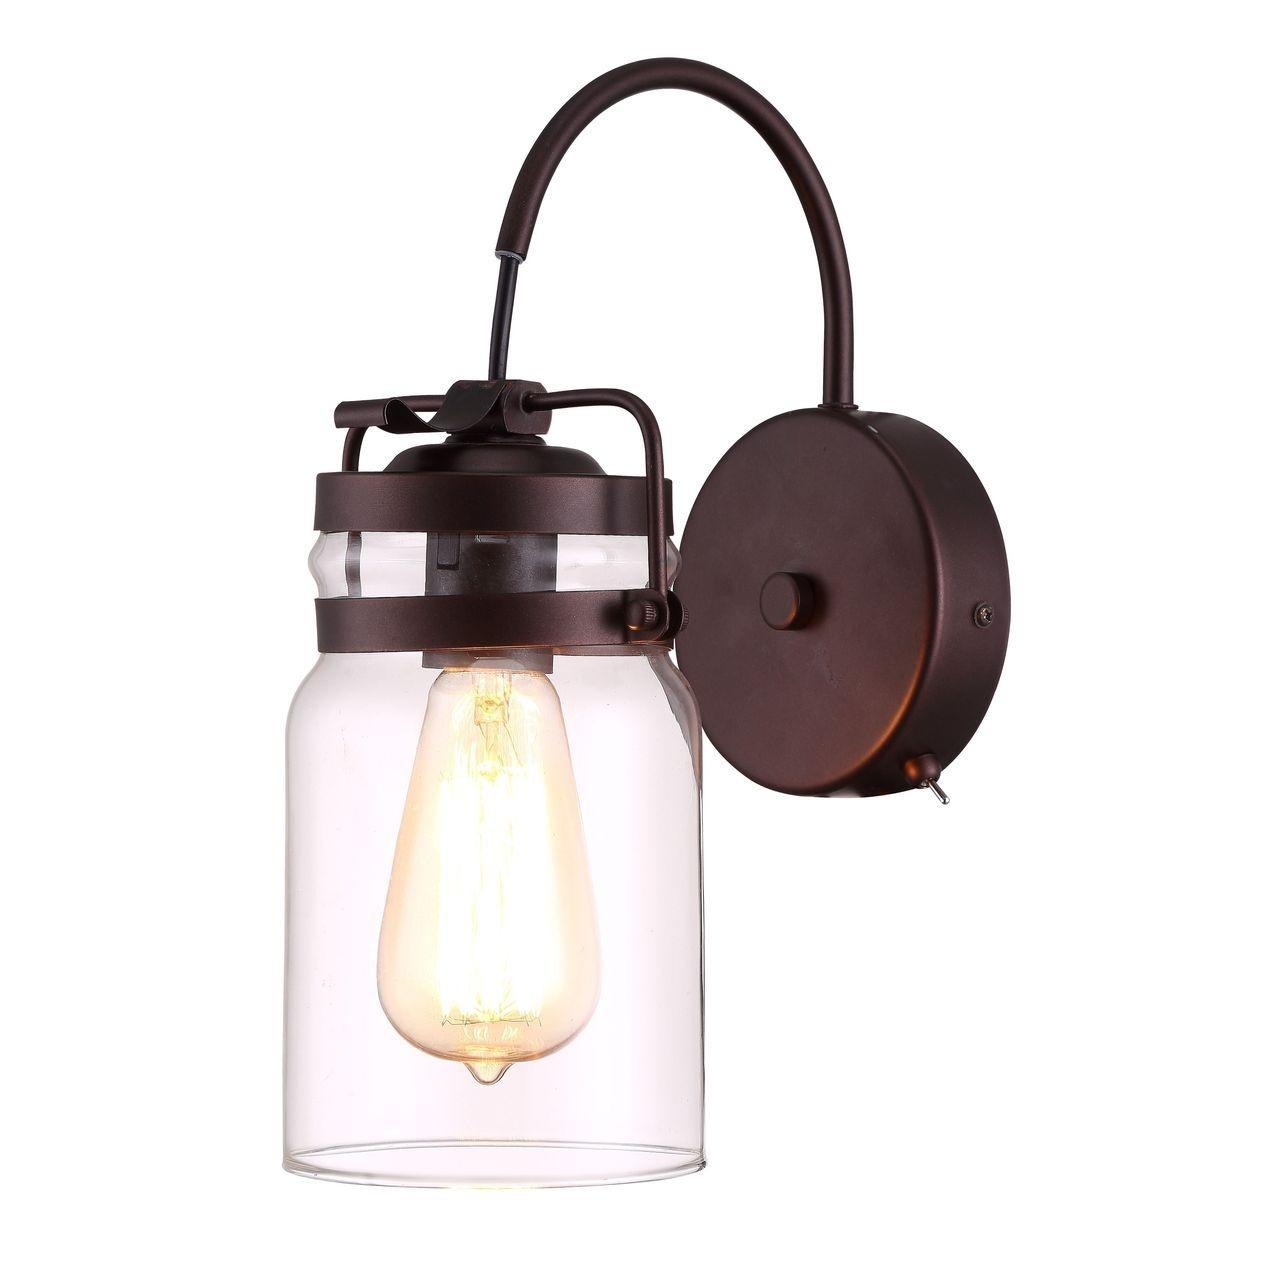 Уличные светильники для загородного дома светодиодные